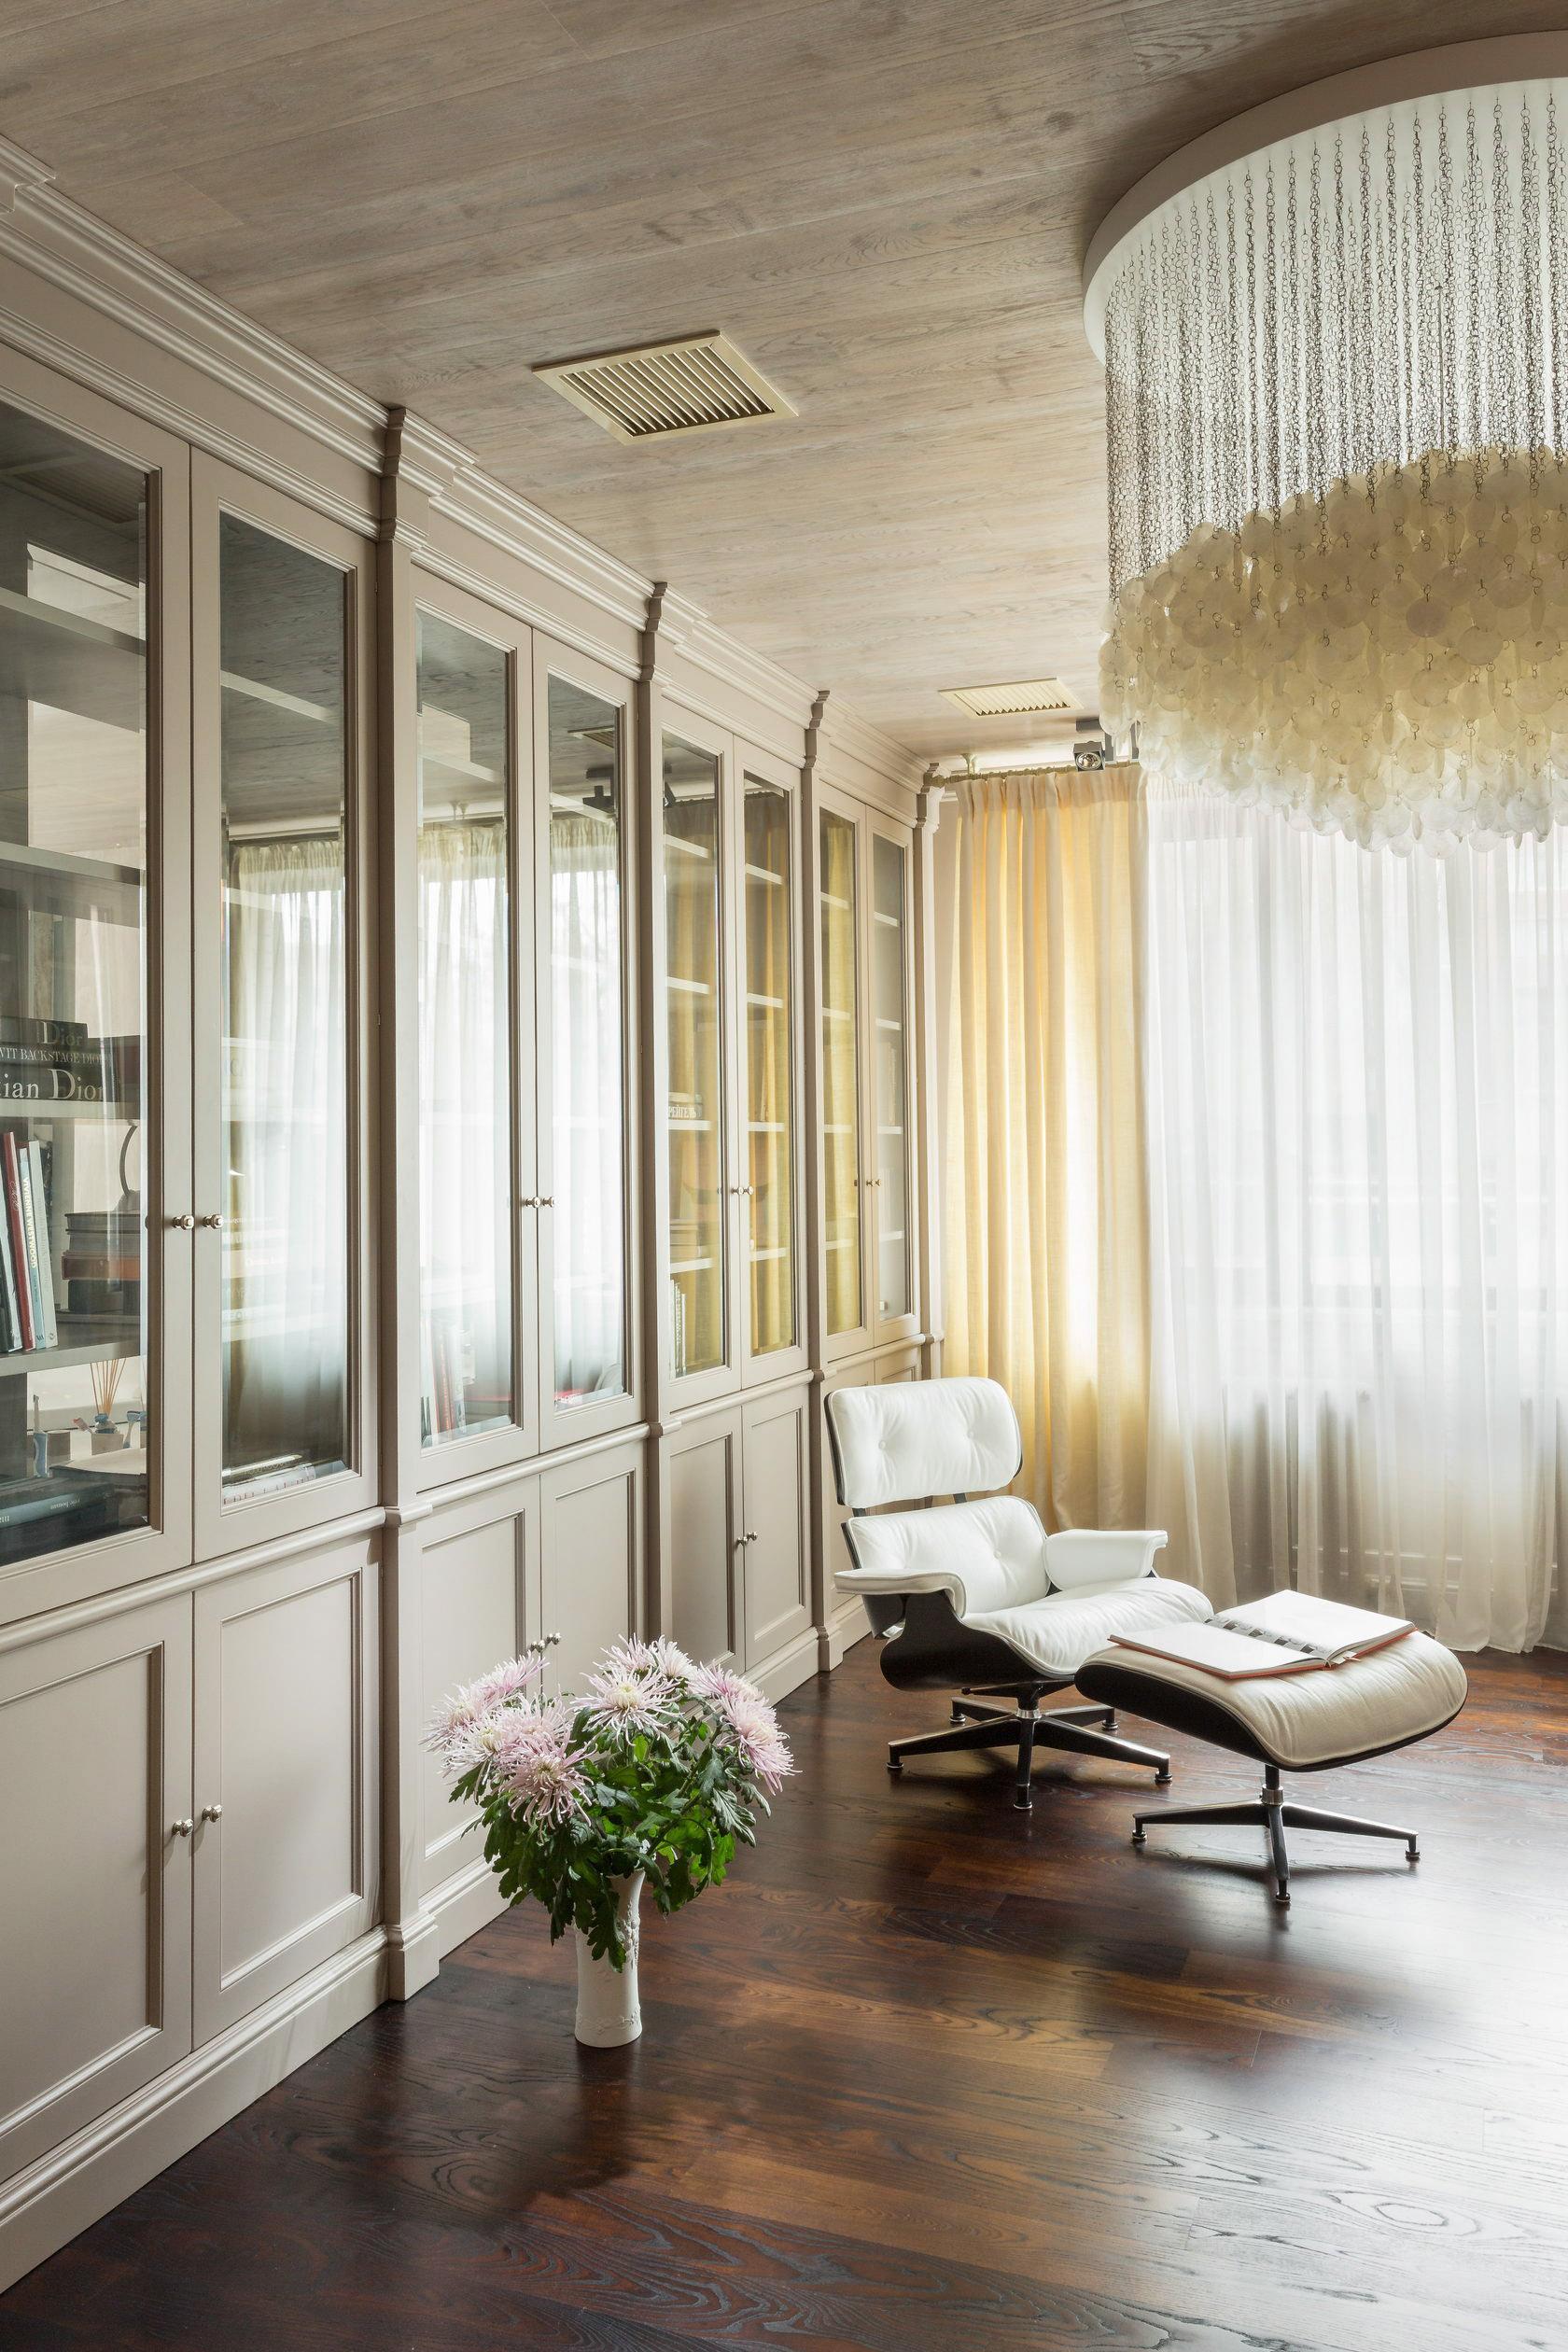 Belle Epoque Art Deco Villa Interior Kiev, Ukraine – Elena Dobrovolska